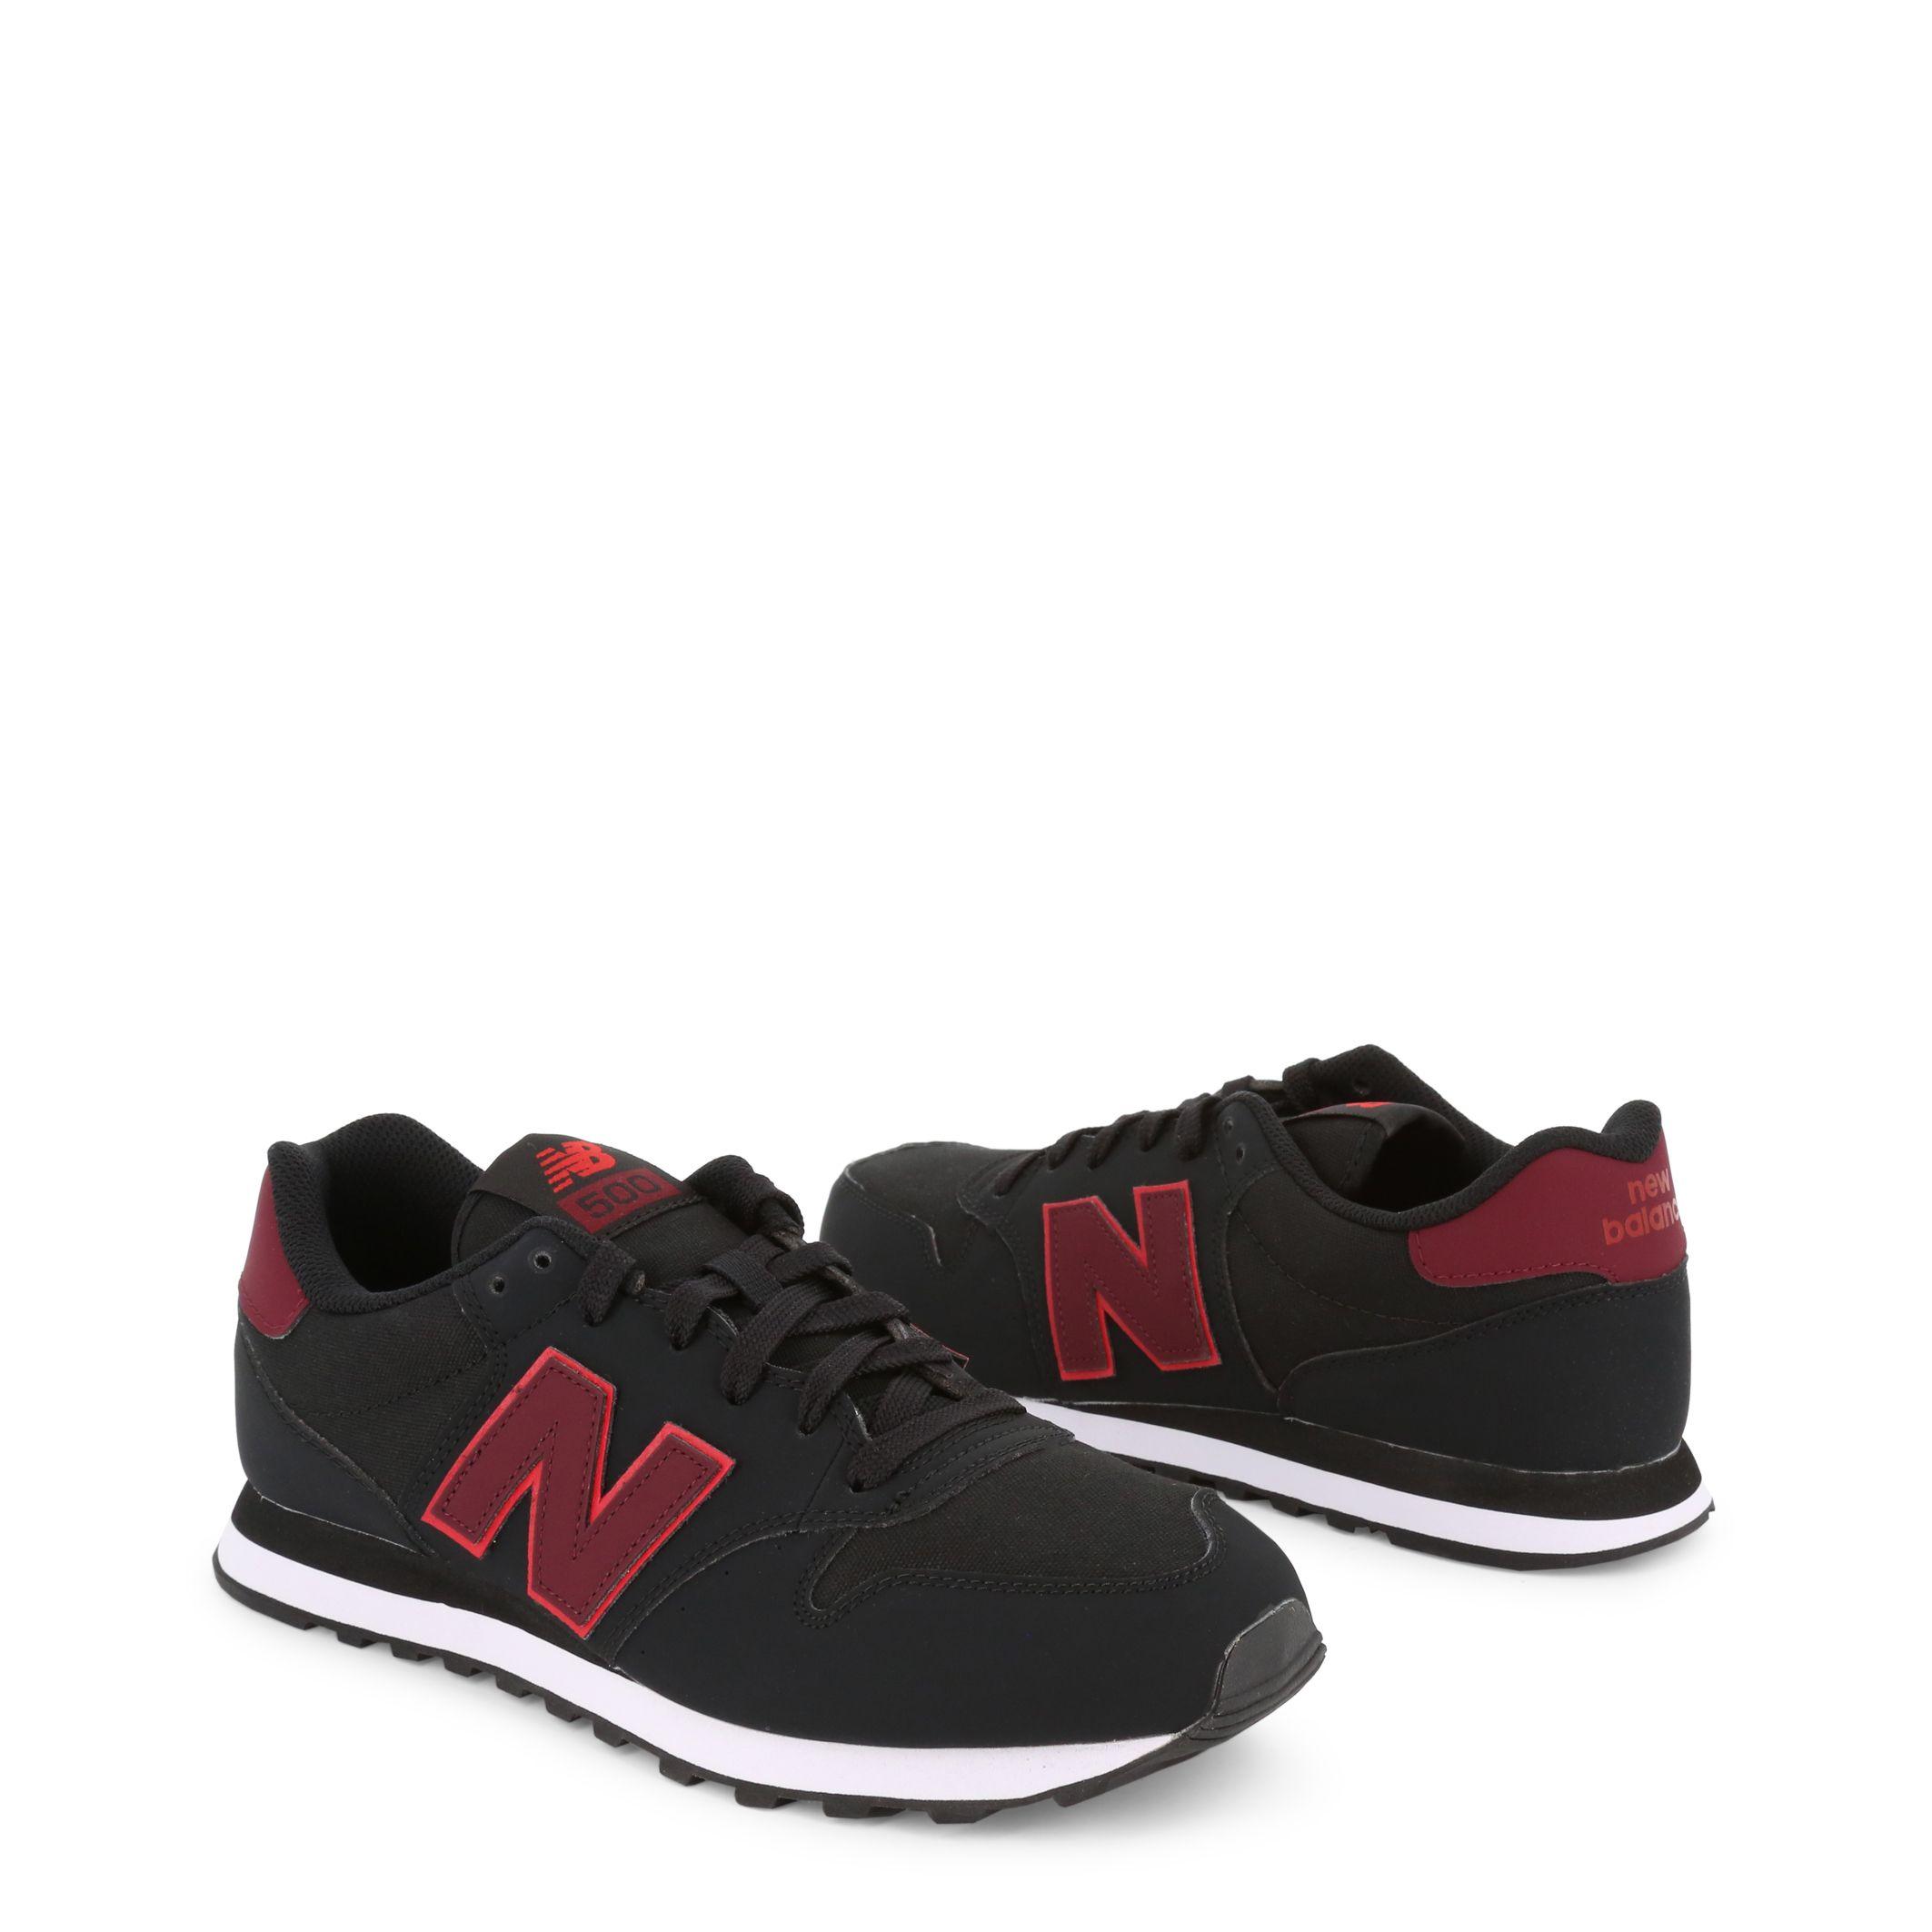 fce2a8d7 ... de Luxe Outlet Valencia. Zapatillas para hombre New Balance - GM500  #luxeoutletvalencia #newbalance #zapatillas #sneakers